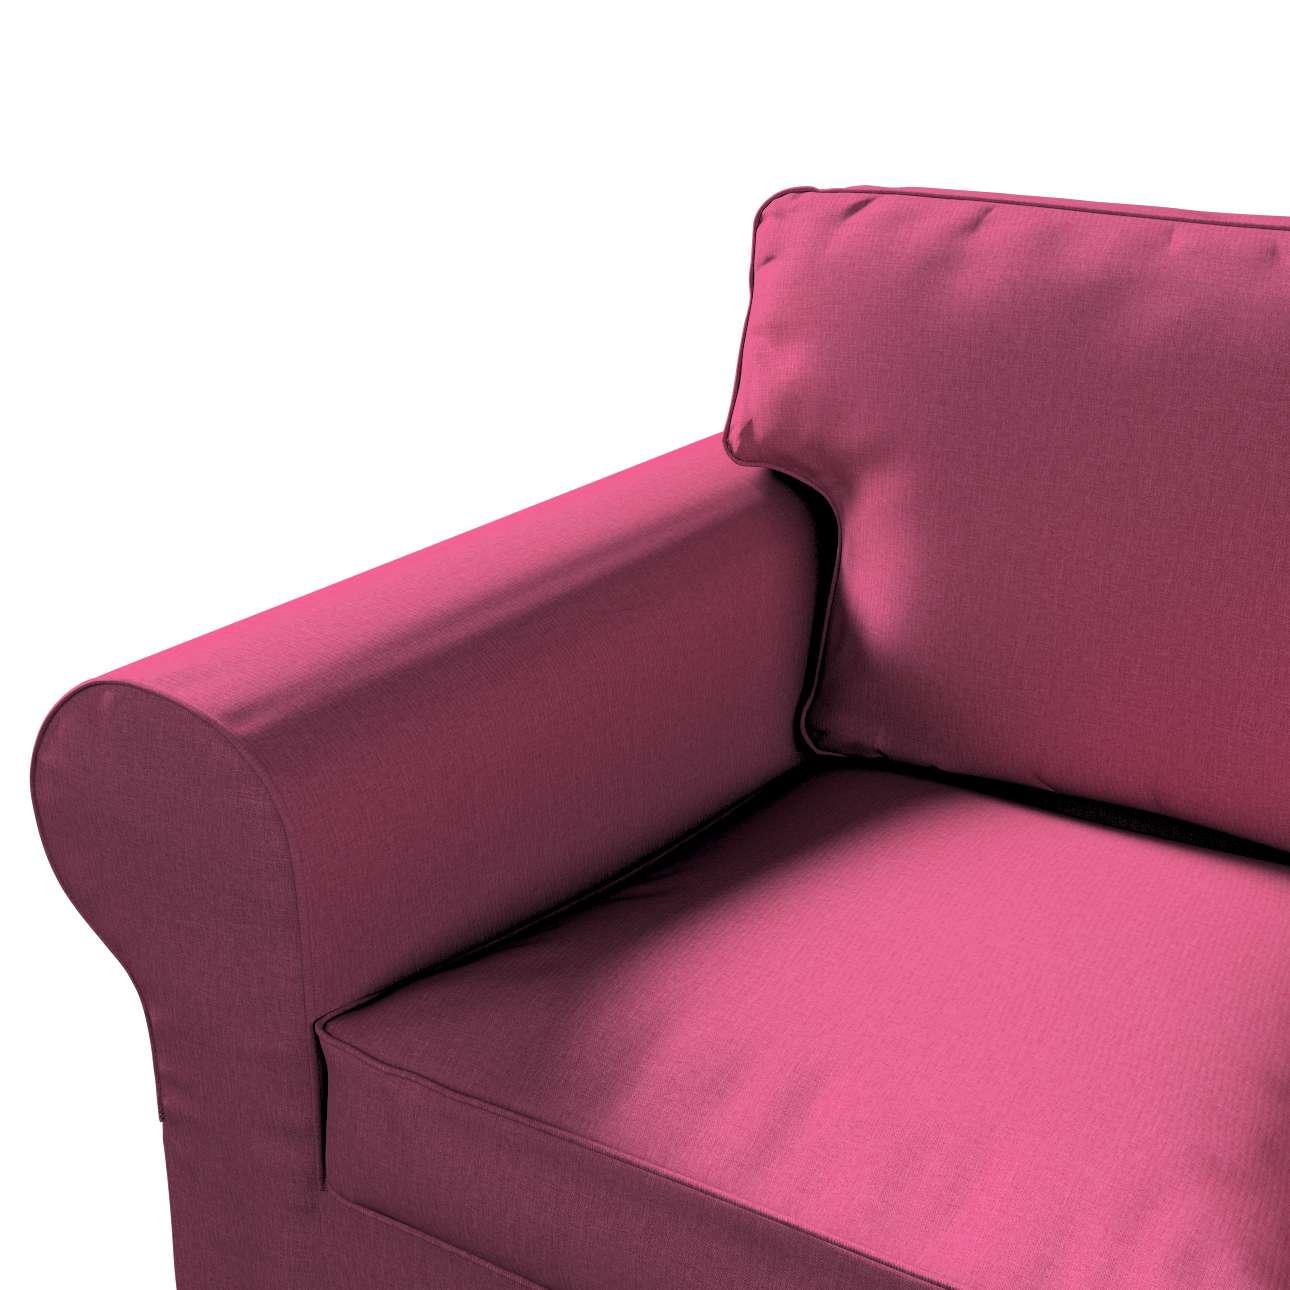 Bezug für Ektorp 2-Sitzer Schlafsofa NEUES Modell von der Kollektion Living, Stoff: 160-44